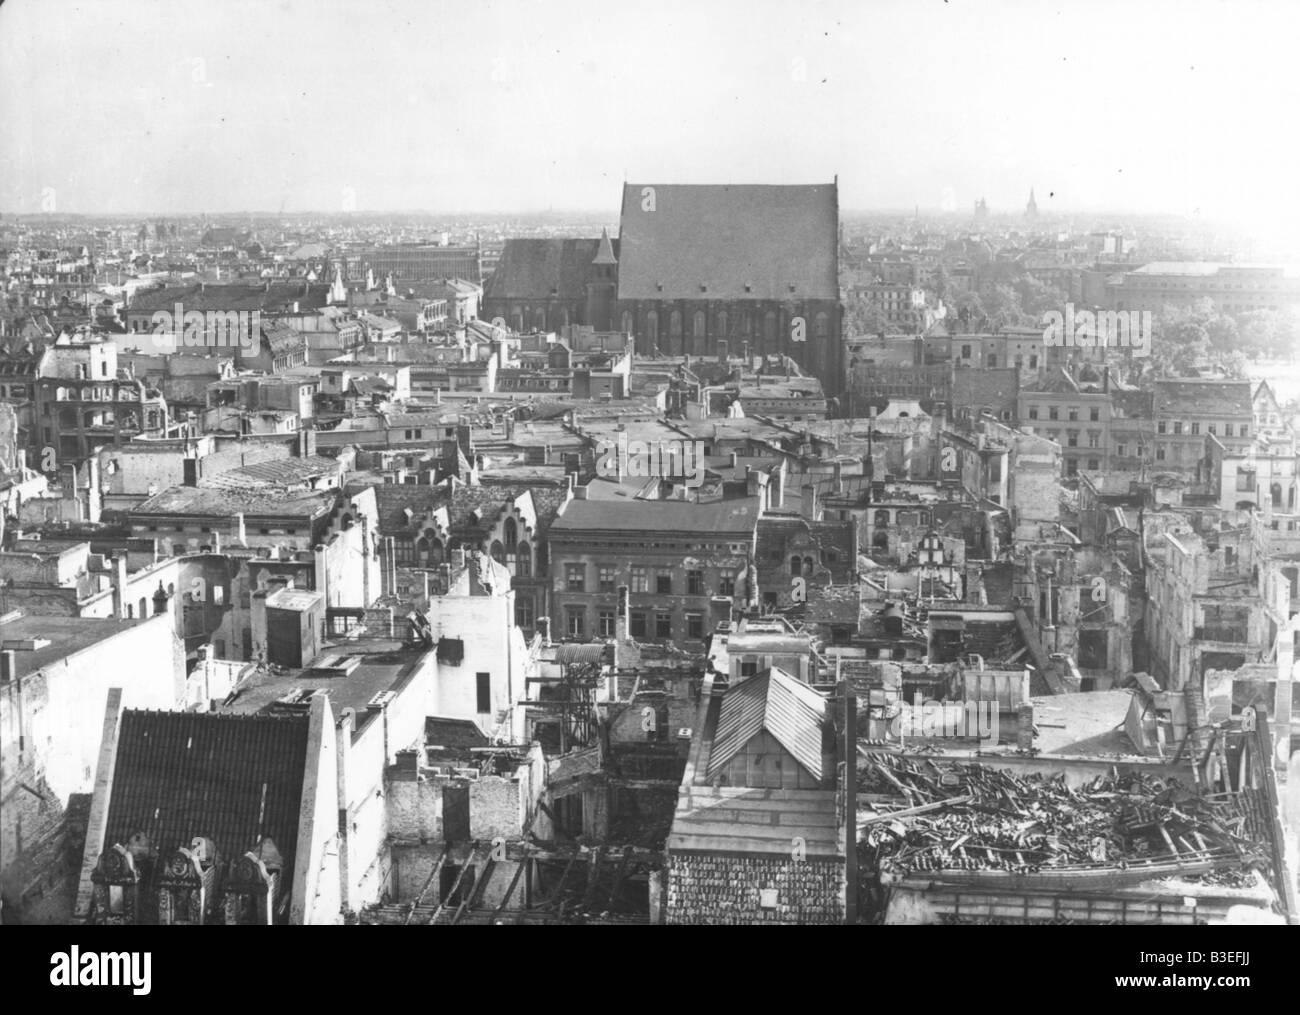 https://c8.alamy.com/compde/b3efjj/breslau-blick-vom-rathaus-1945-b3efjj.jpg